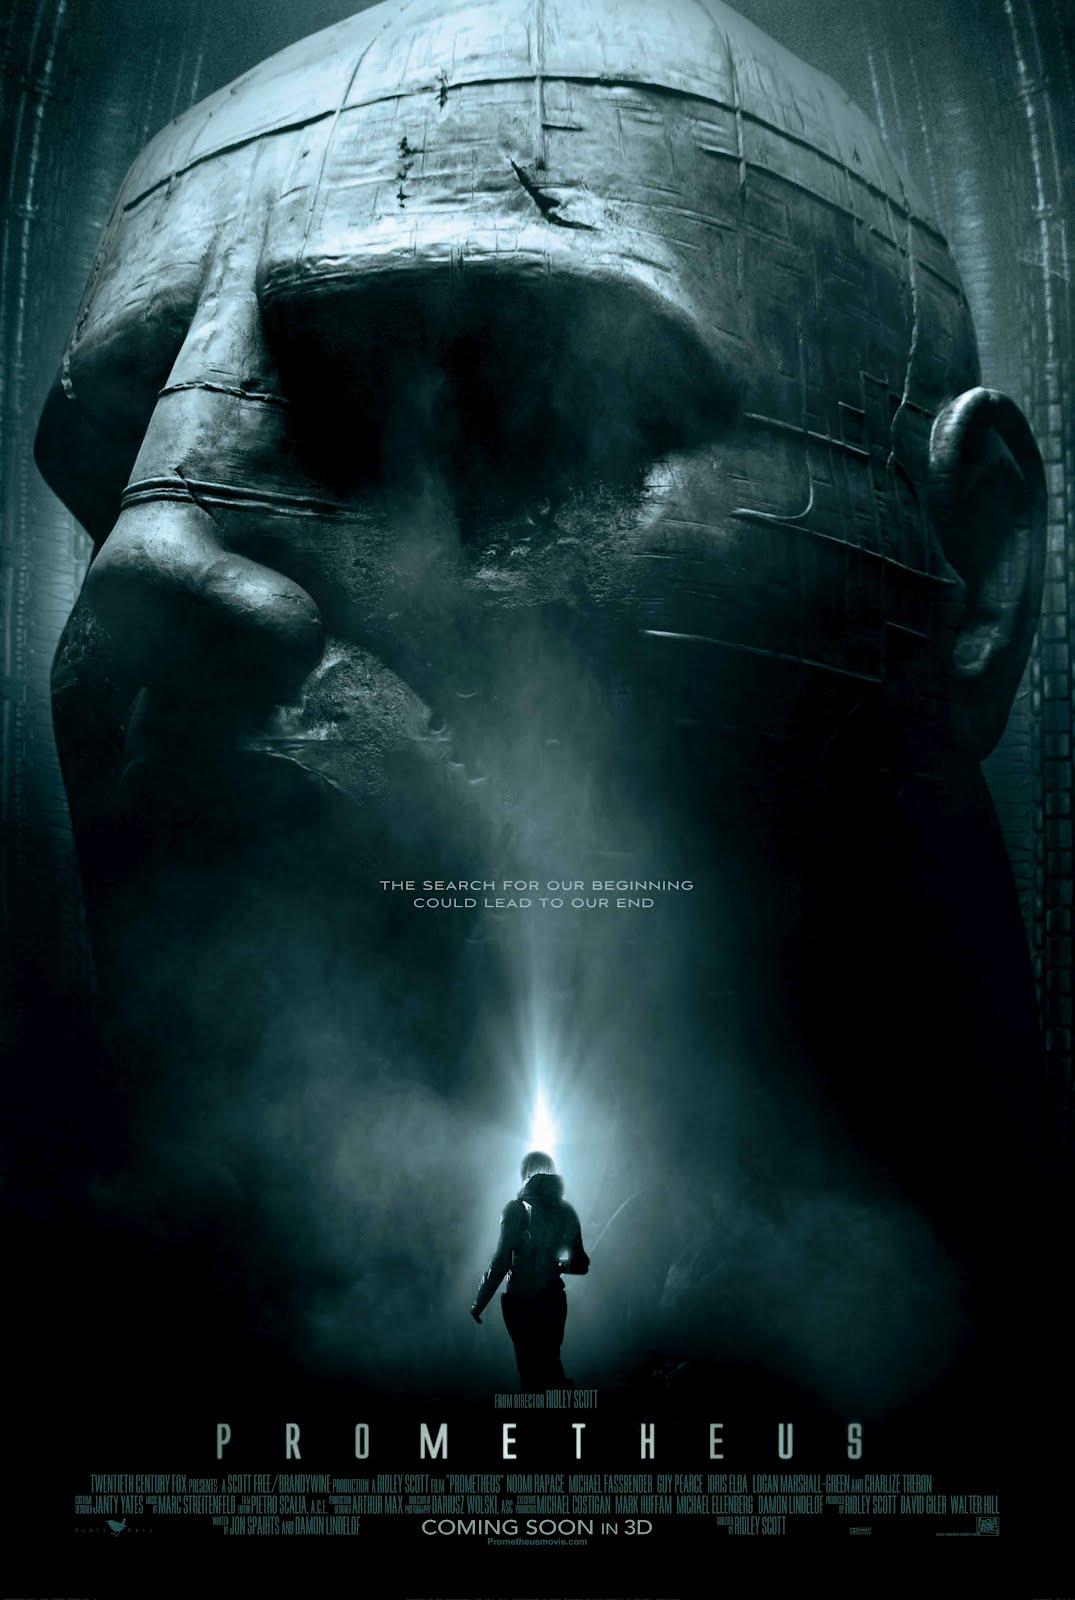 http://1.bp.blogspot.com/-vwY5NaksG_A/T9r9QGfA4HI/AAAAAAAAJtA/n18lXWw2hYA/s1600/Prometheus_cover_u.jpg